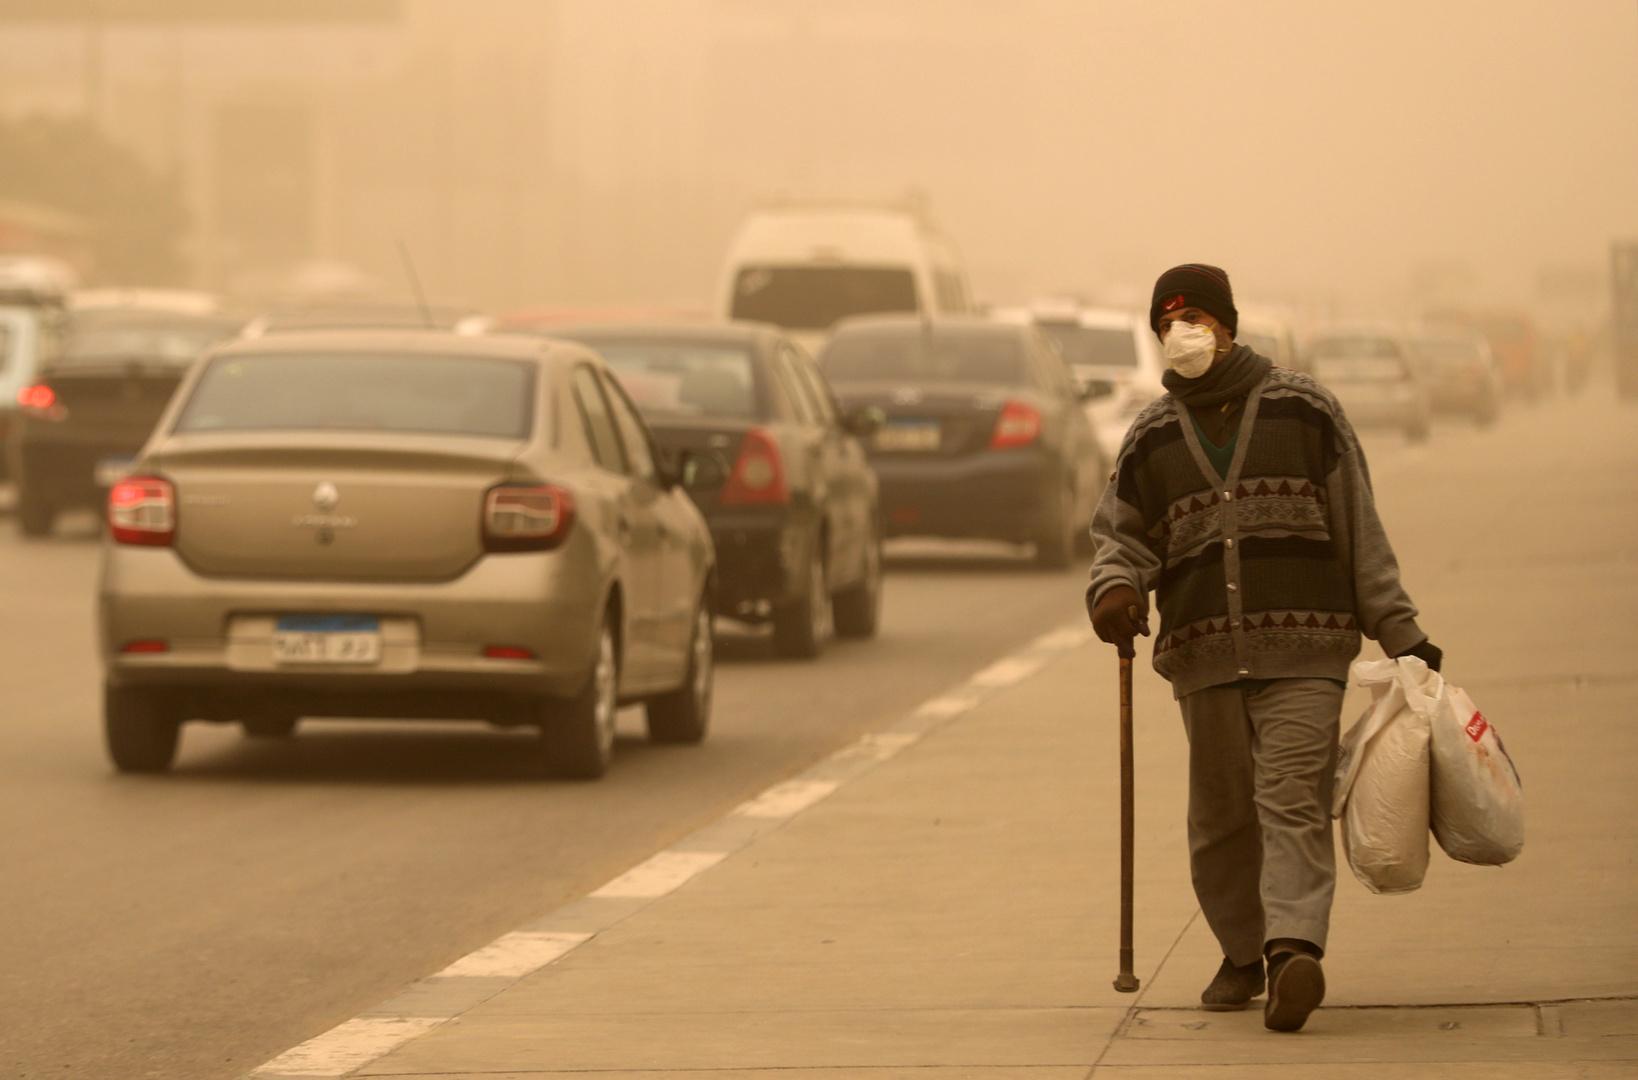 مصر.. الأرصاد الجوية تحذر من الطقس يوم السبت المقبل -